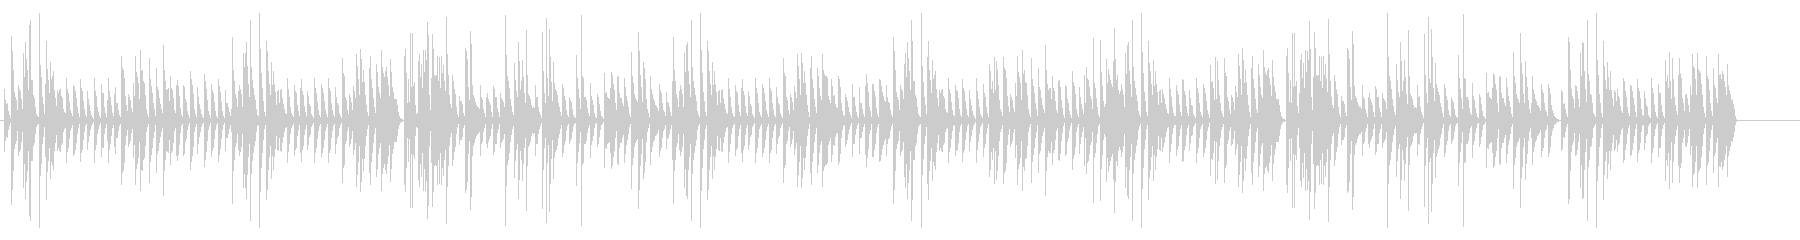 古い映画、ラグタイムピアノ、AMラジオ風の未再生の波形